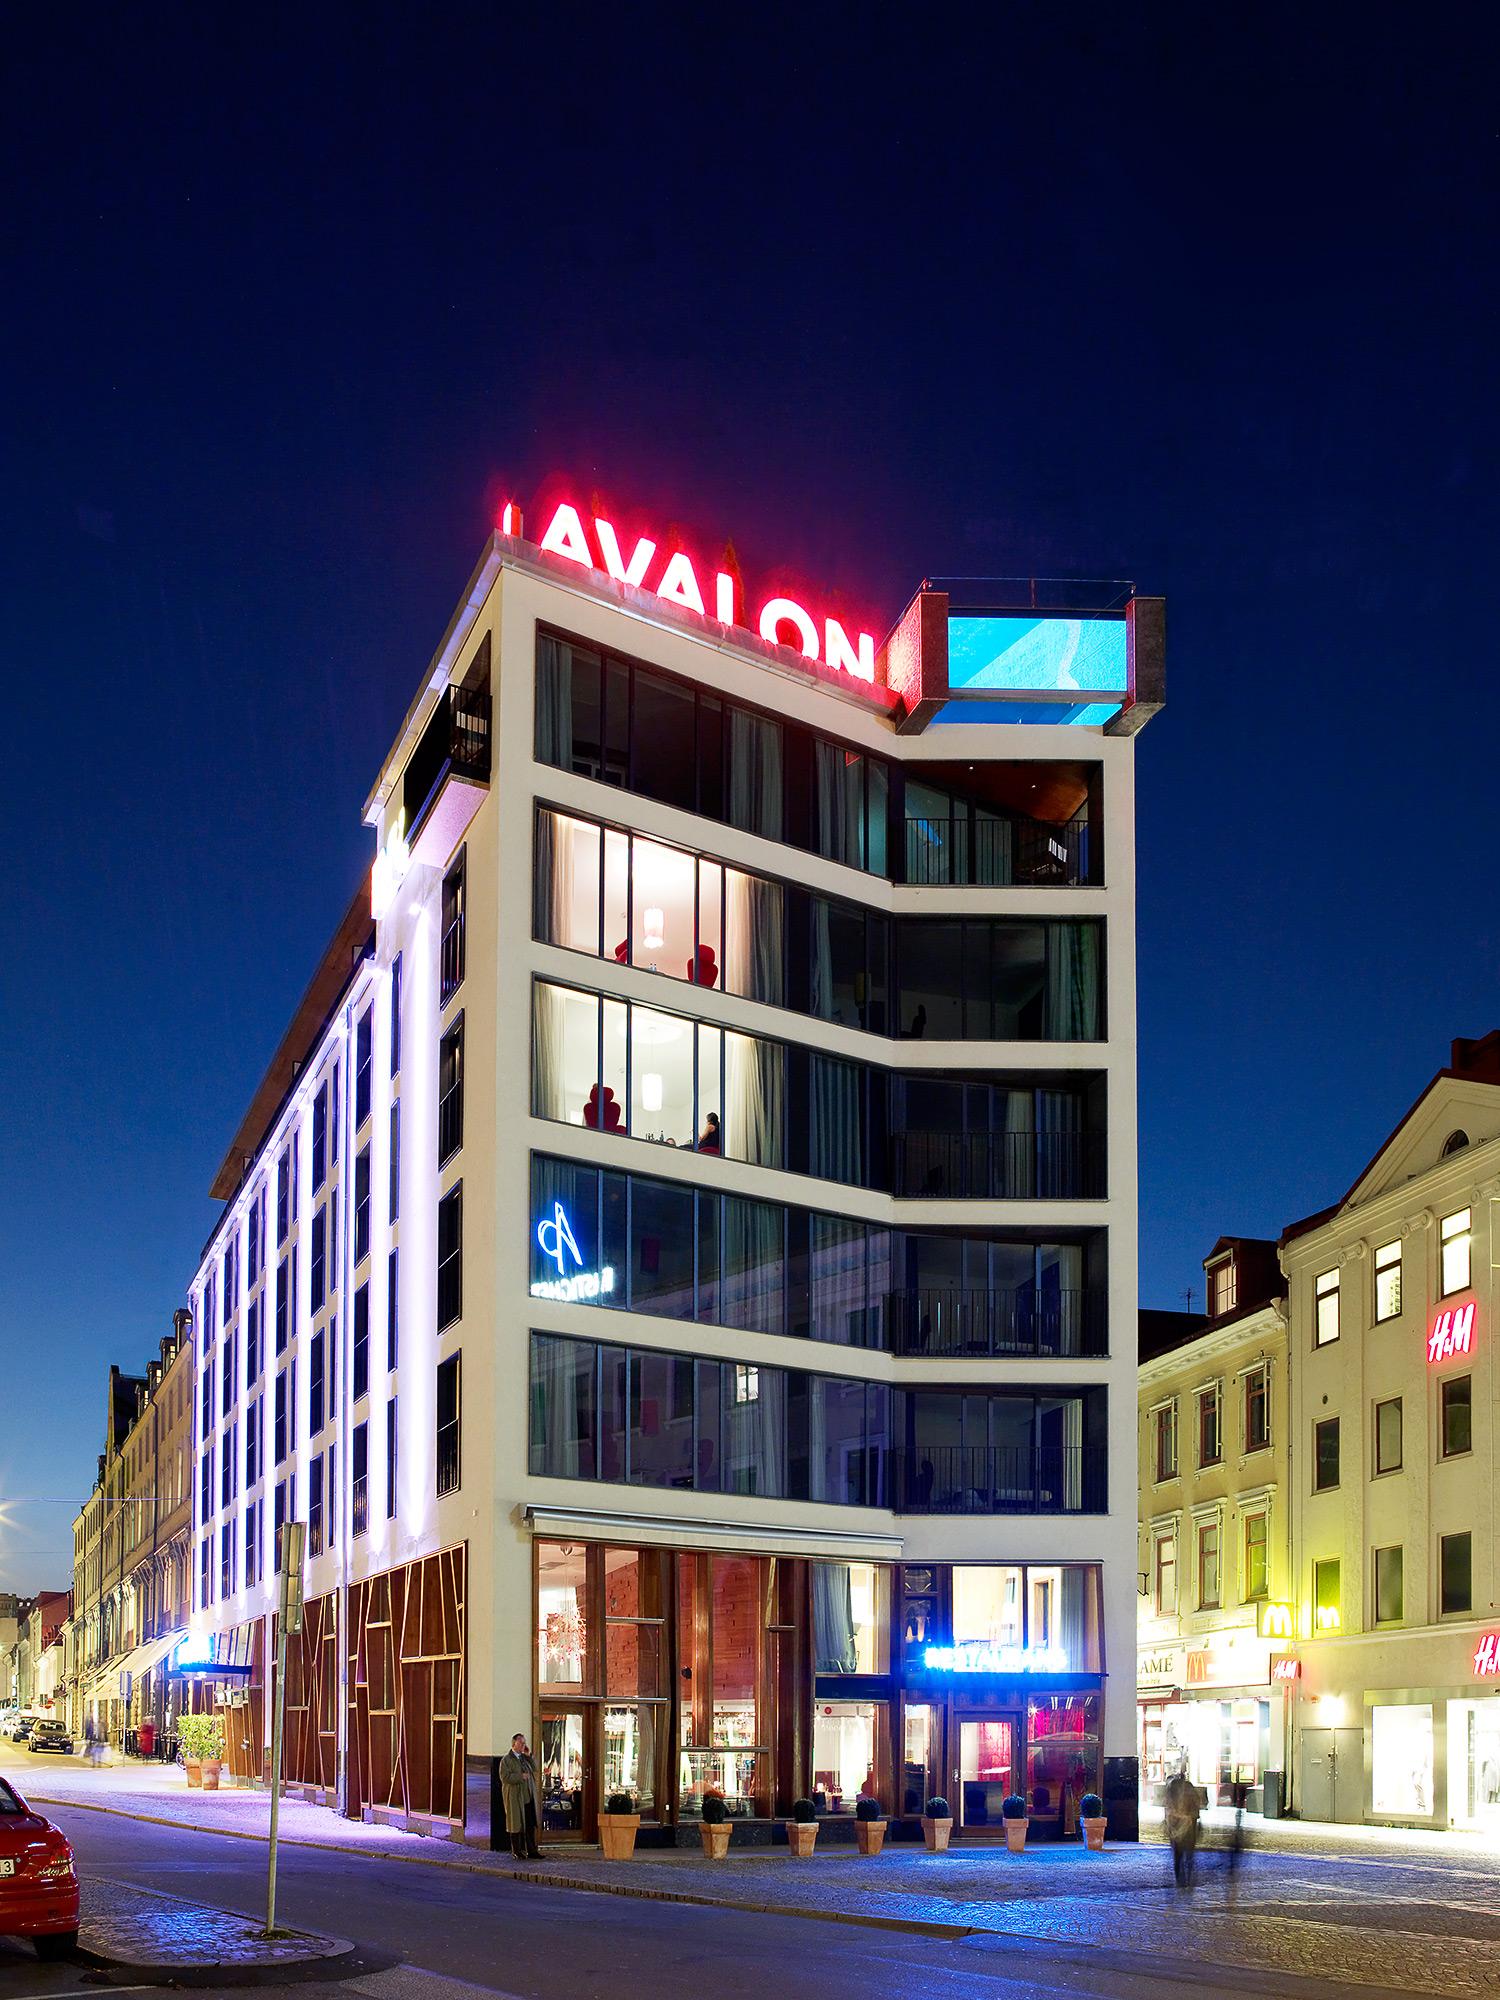 Avalon hotel  Semrén & Månsson